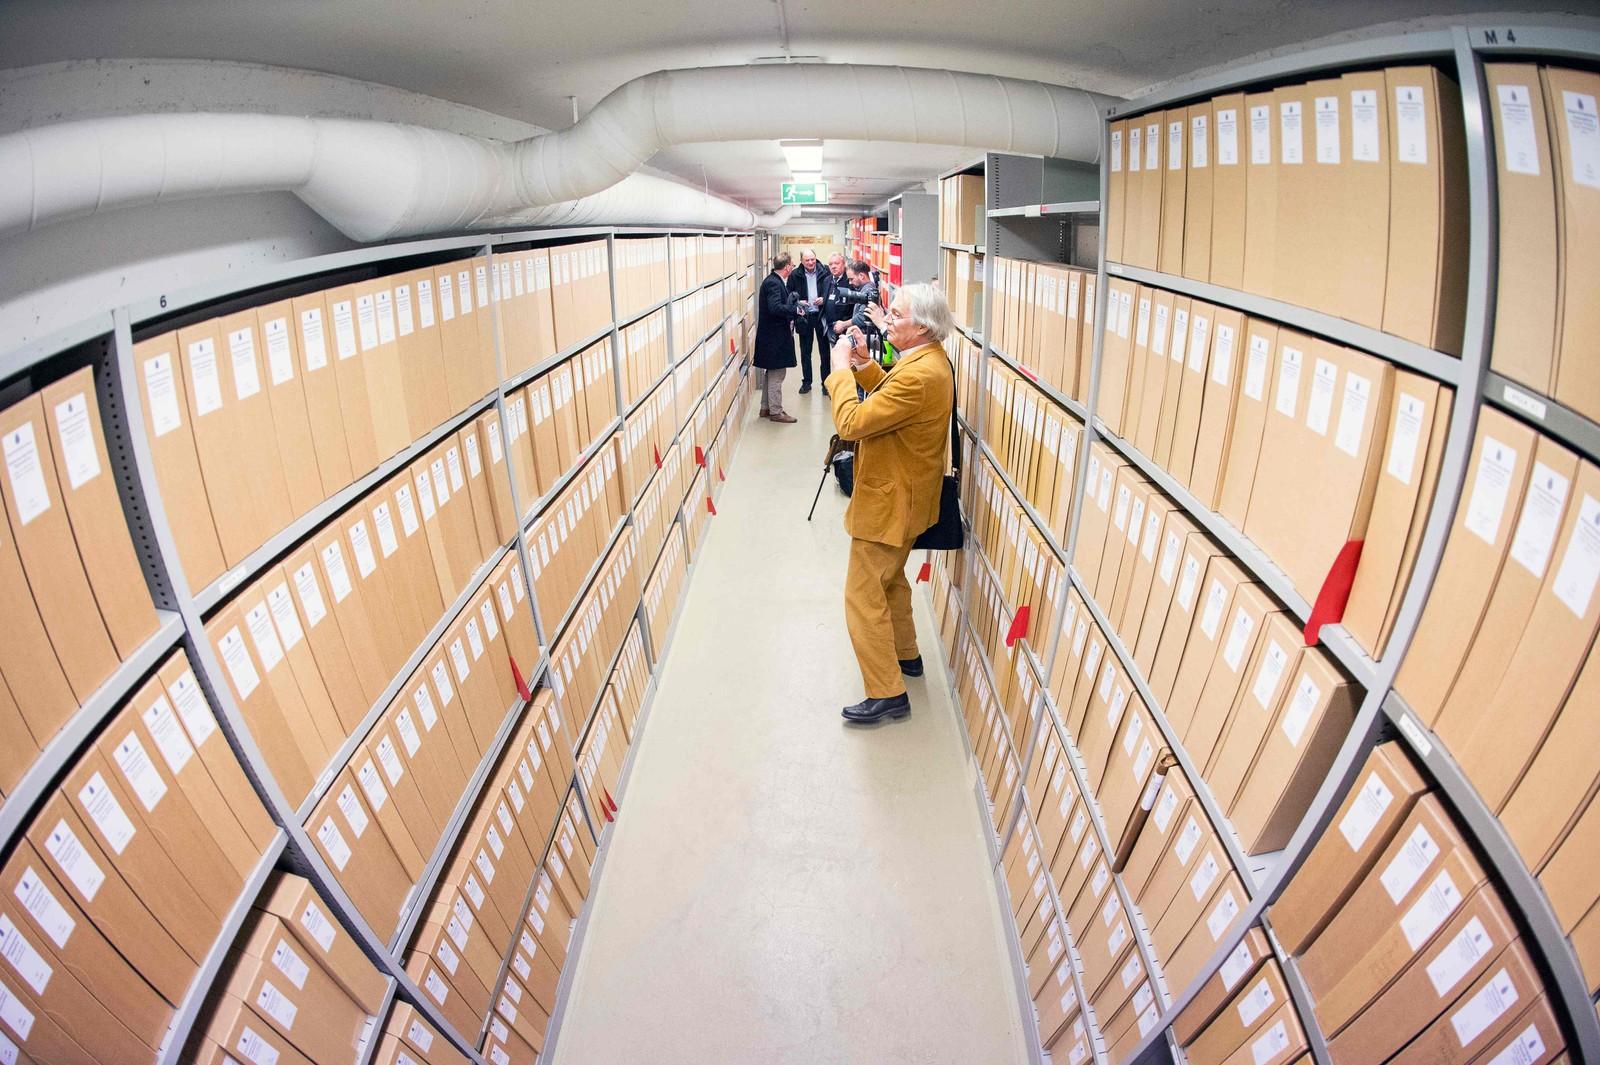 Journalister får besøke rommet hvor Palme-gruppa har over 250 hyllemeter med dokumenter knyttet til etterforskningen.